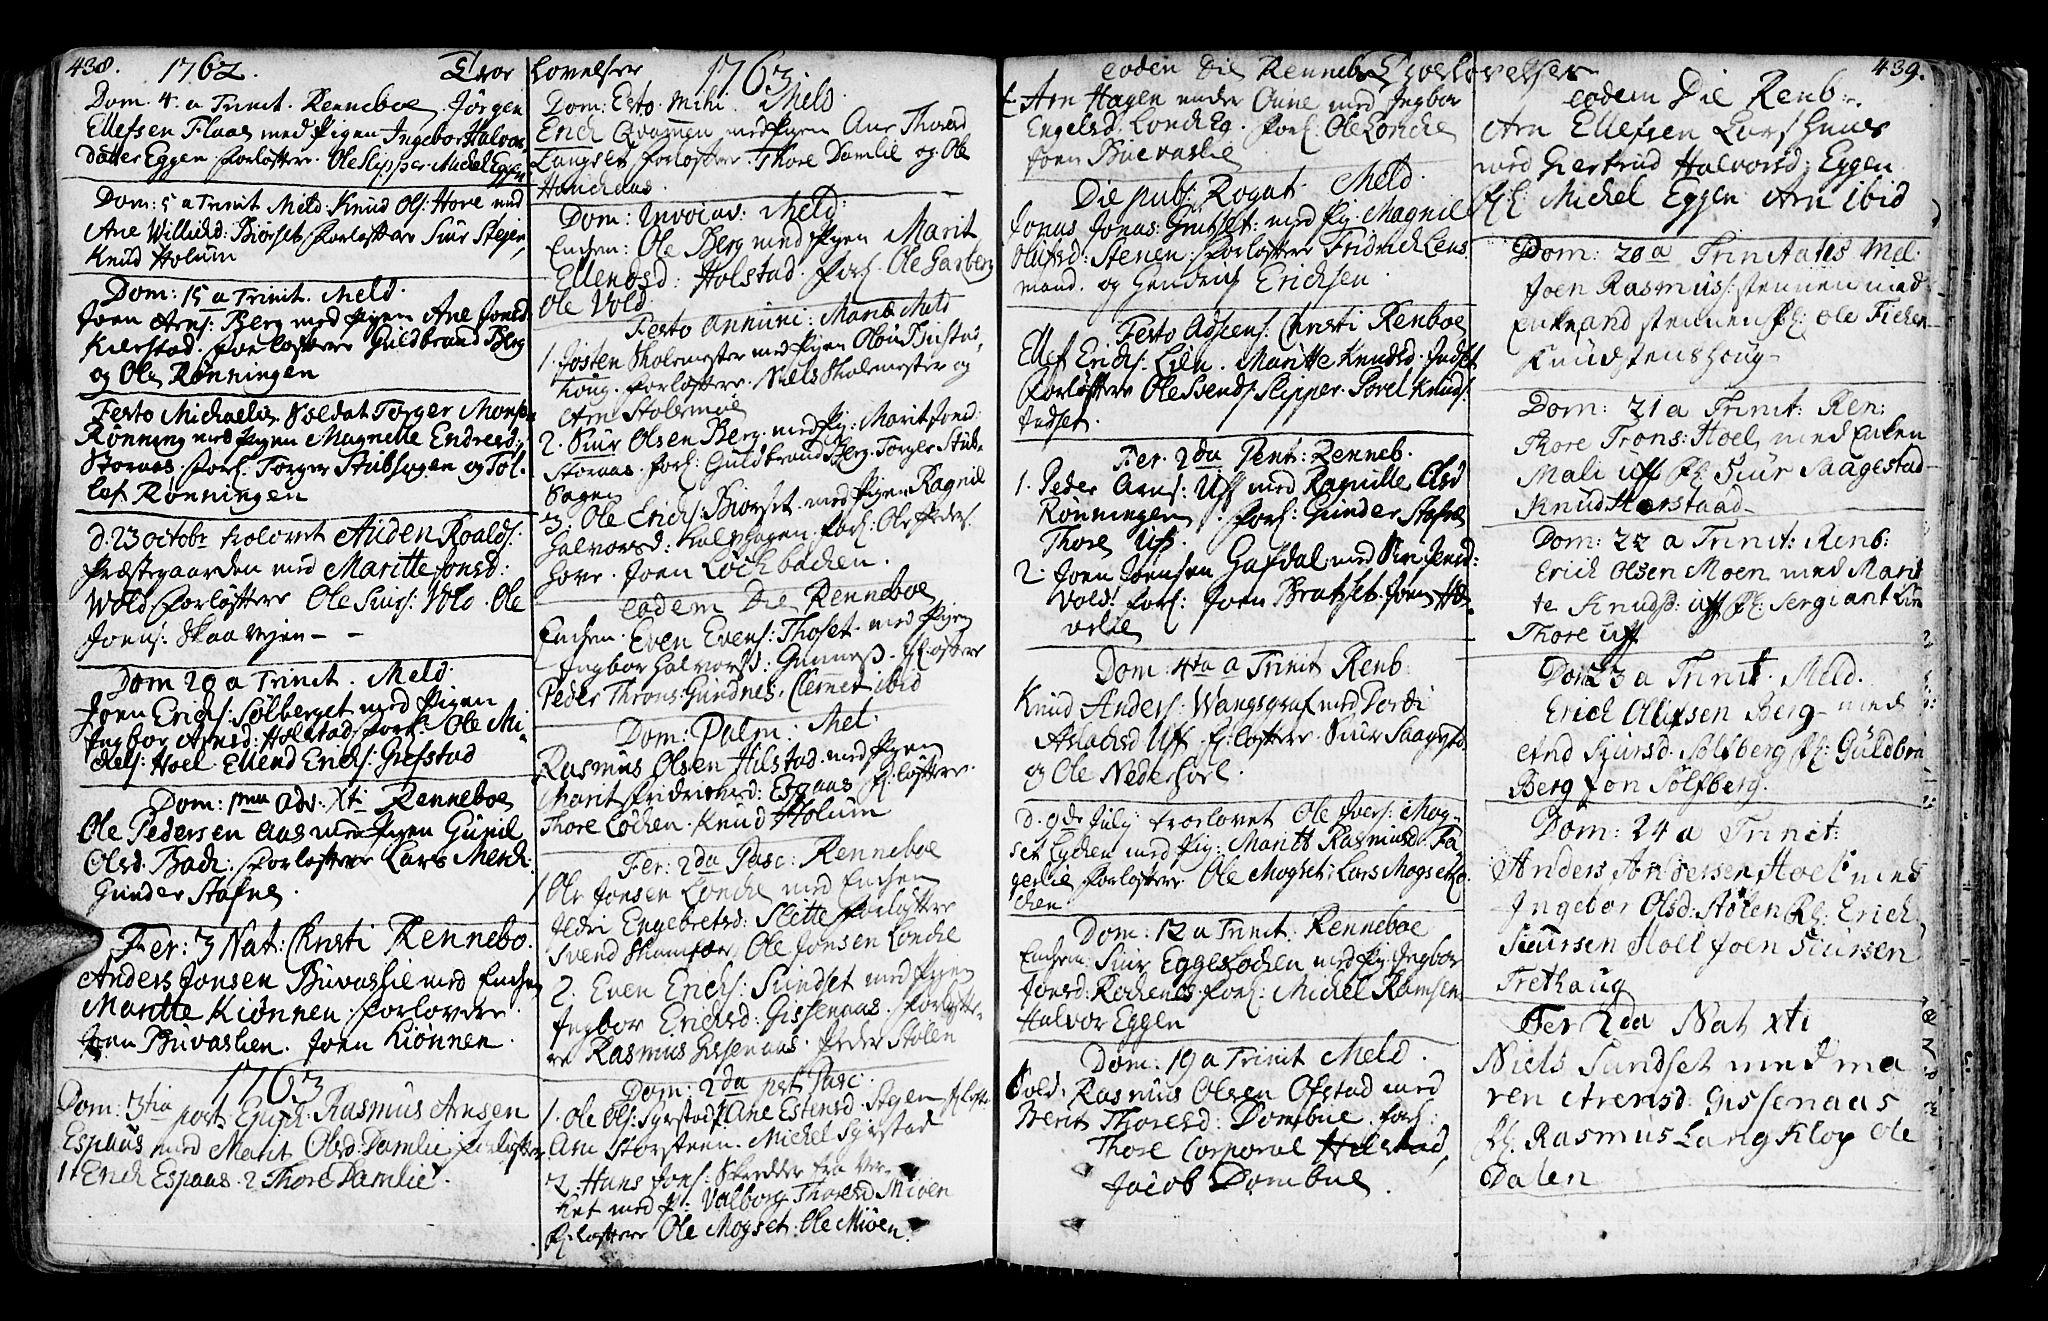 SAT, Ministerialprotokoller, klokkerbøker og fødselsregistre - Sør-Trøndelag, 672/L0851: Ministerialbok nr. 672A04, 1751-1775, s. 438-439